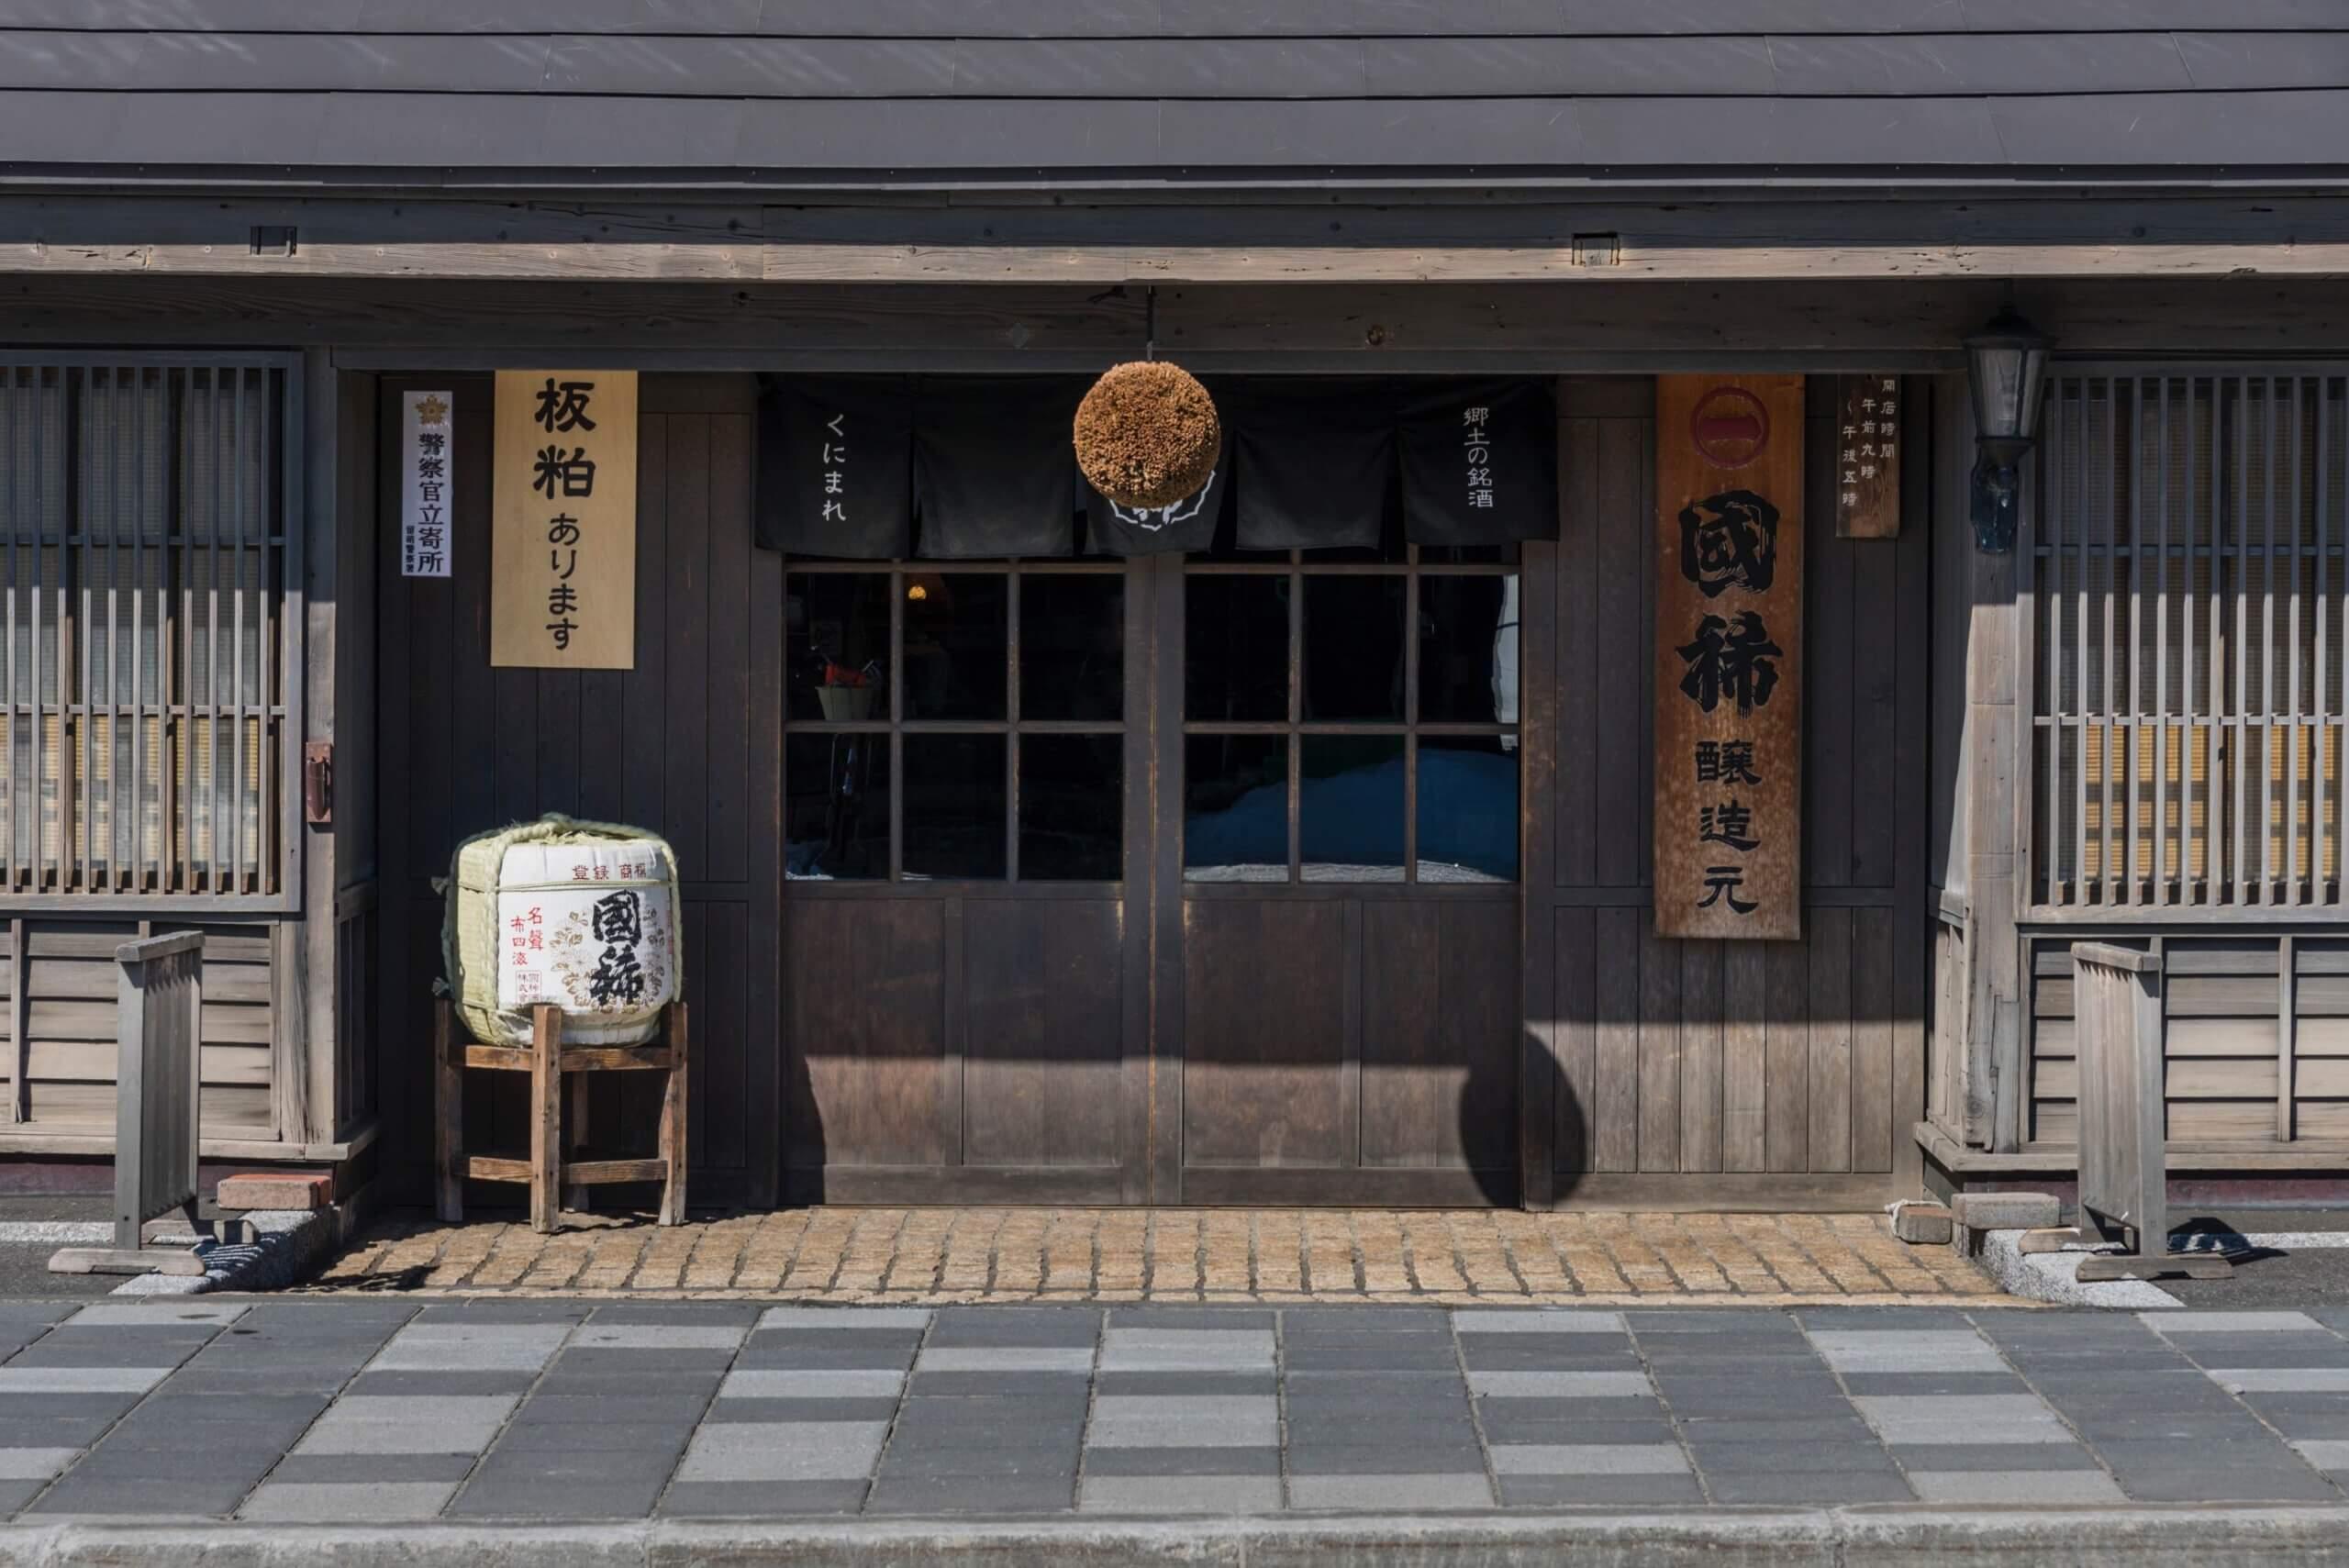 日本最北端的釀酒廠「國稀酒造株式會社」